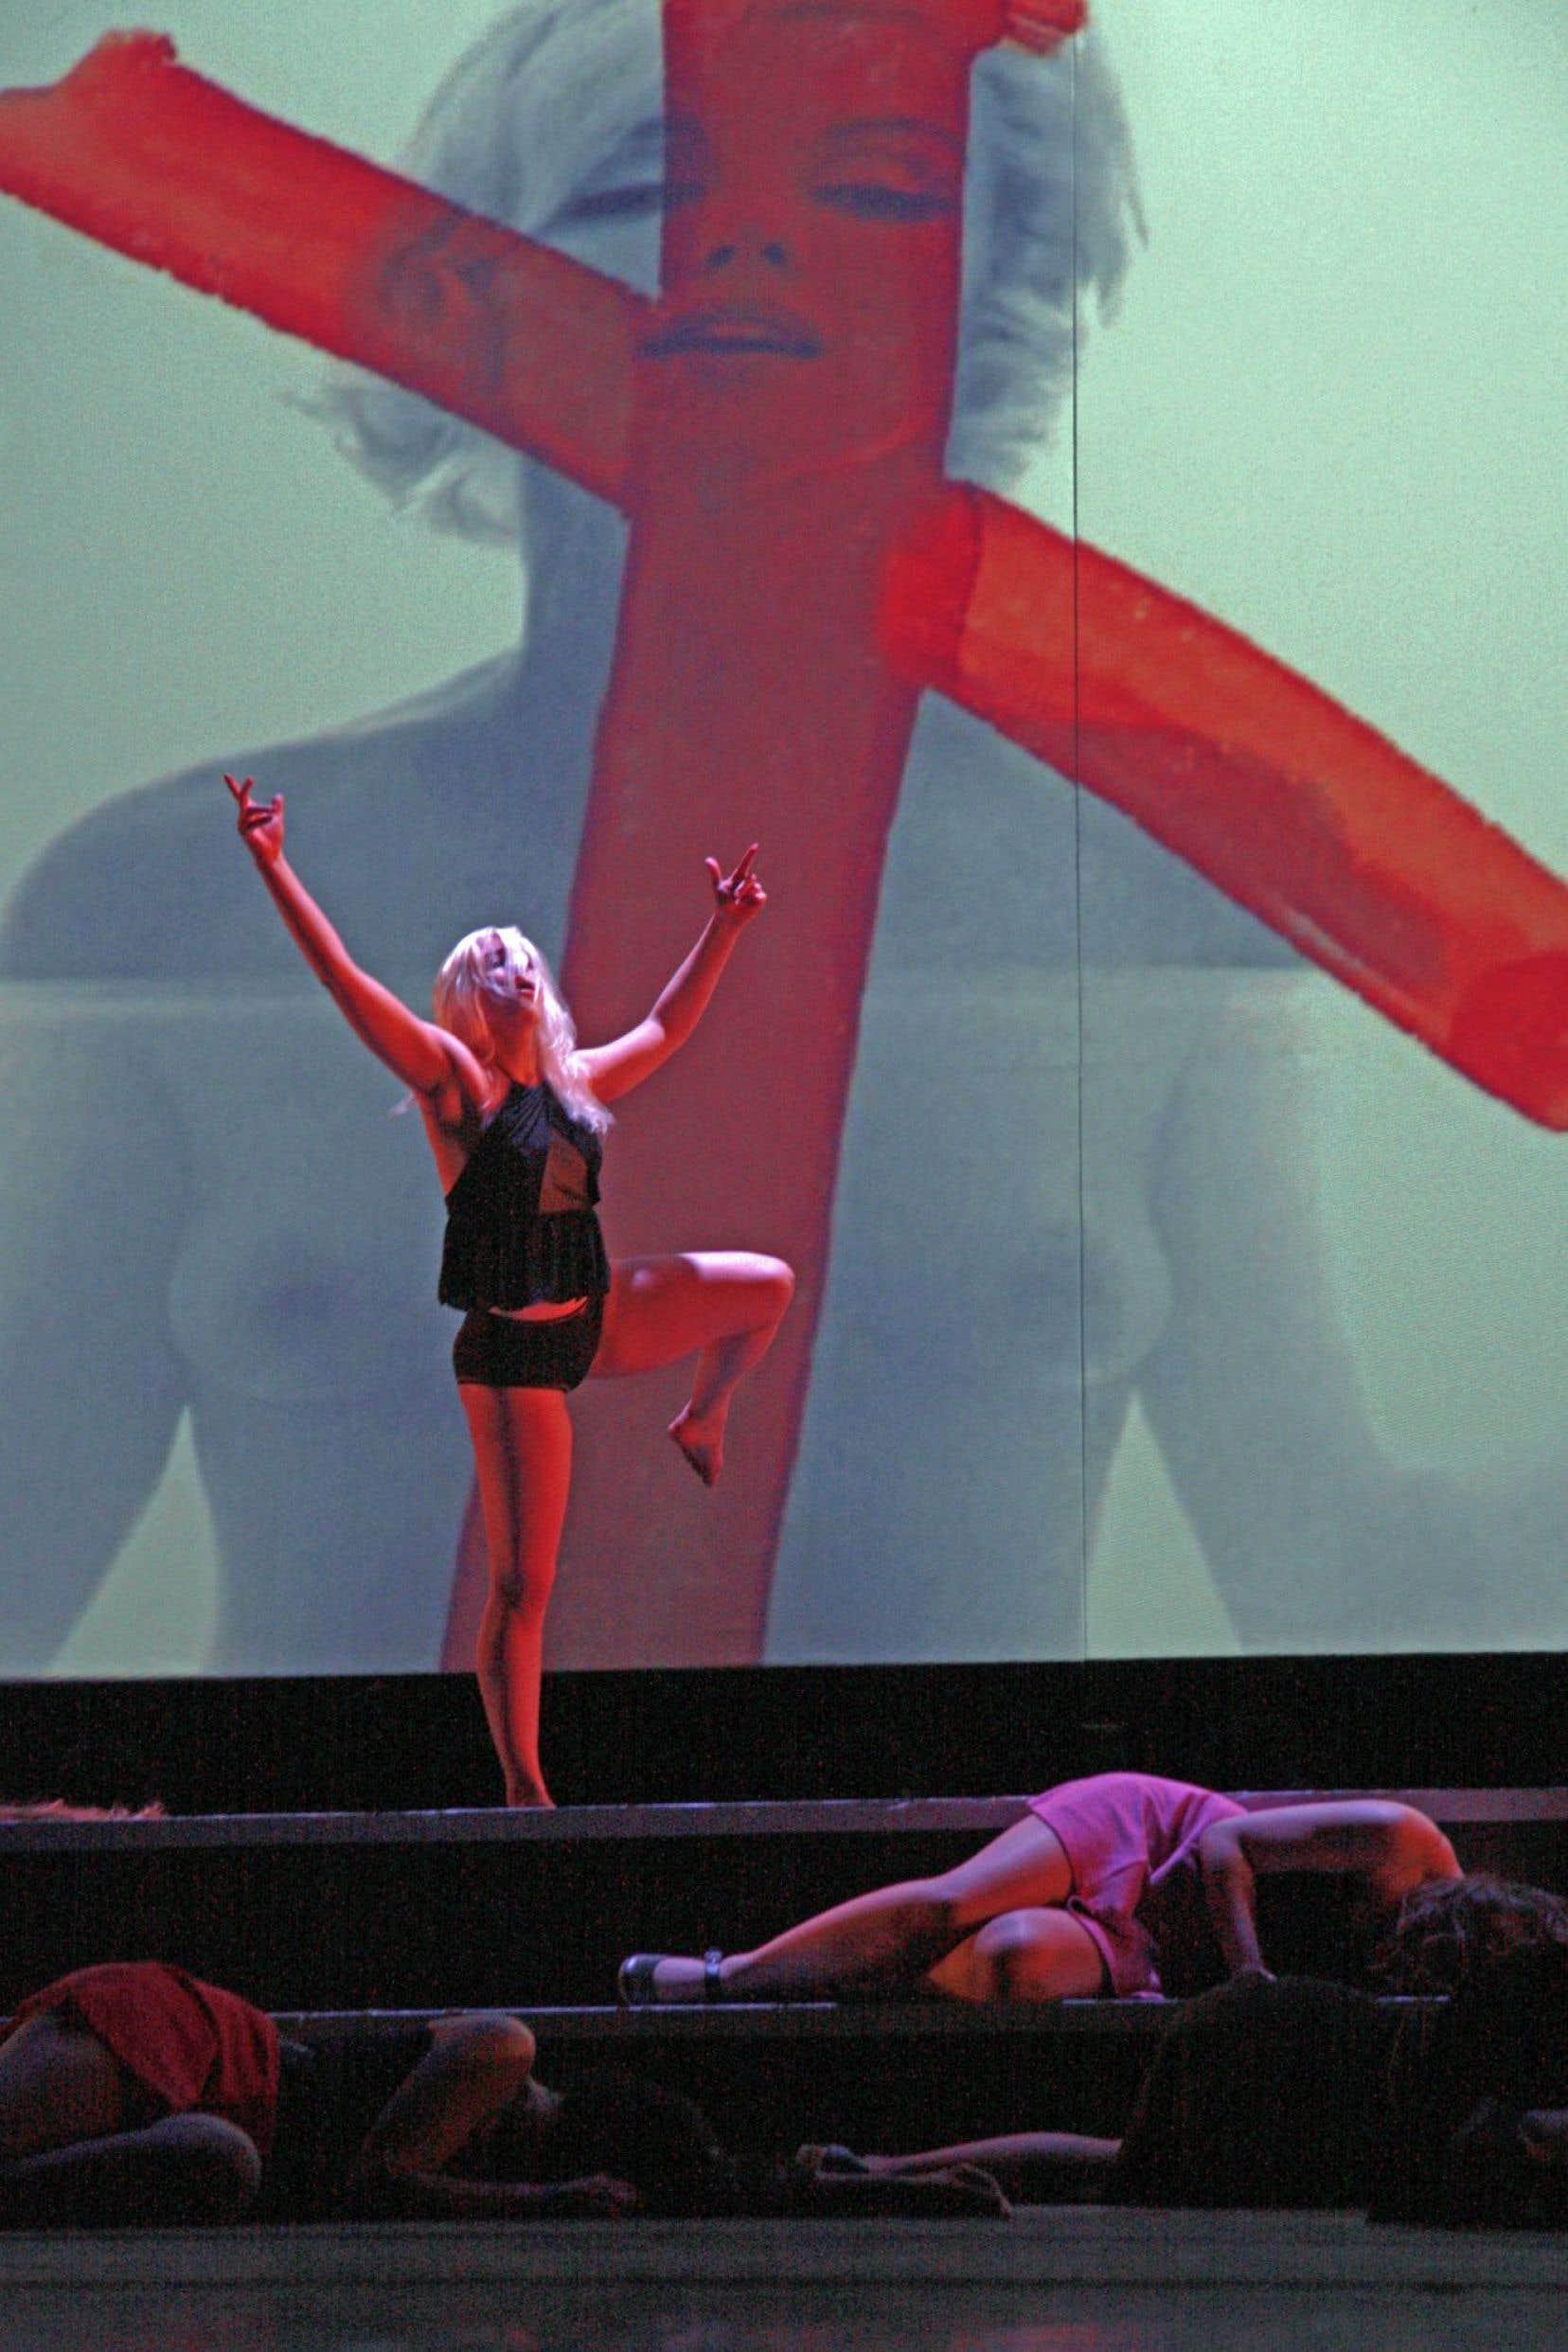 «J'ai délaissé la danse moderne qui était au cœur du travail de Jerome Robbins, explique la chorégraphe Manon Oligny. J'ai décidé de proposer quelque chose de plus contemporain où la violence est vraiment centrale, vraiment sentie.»